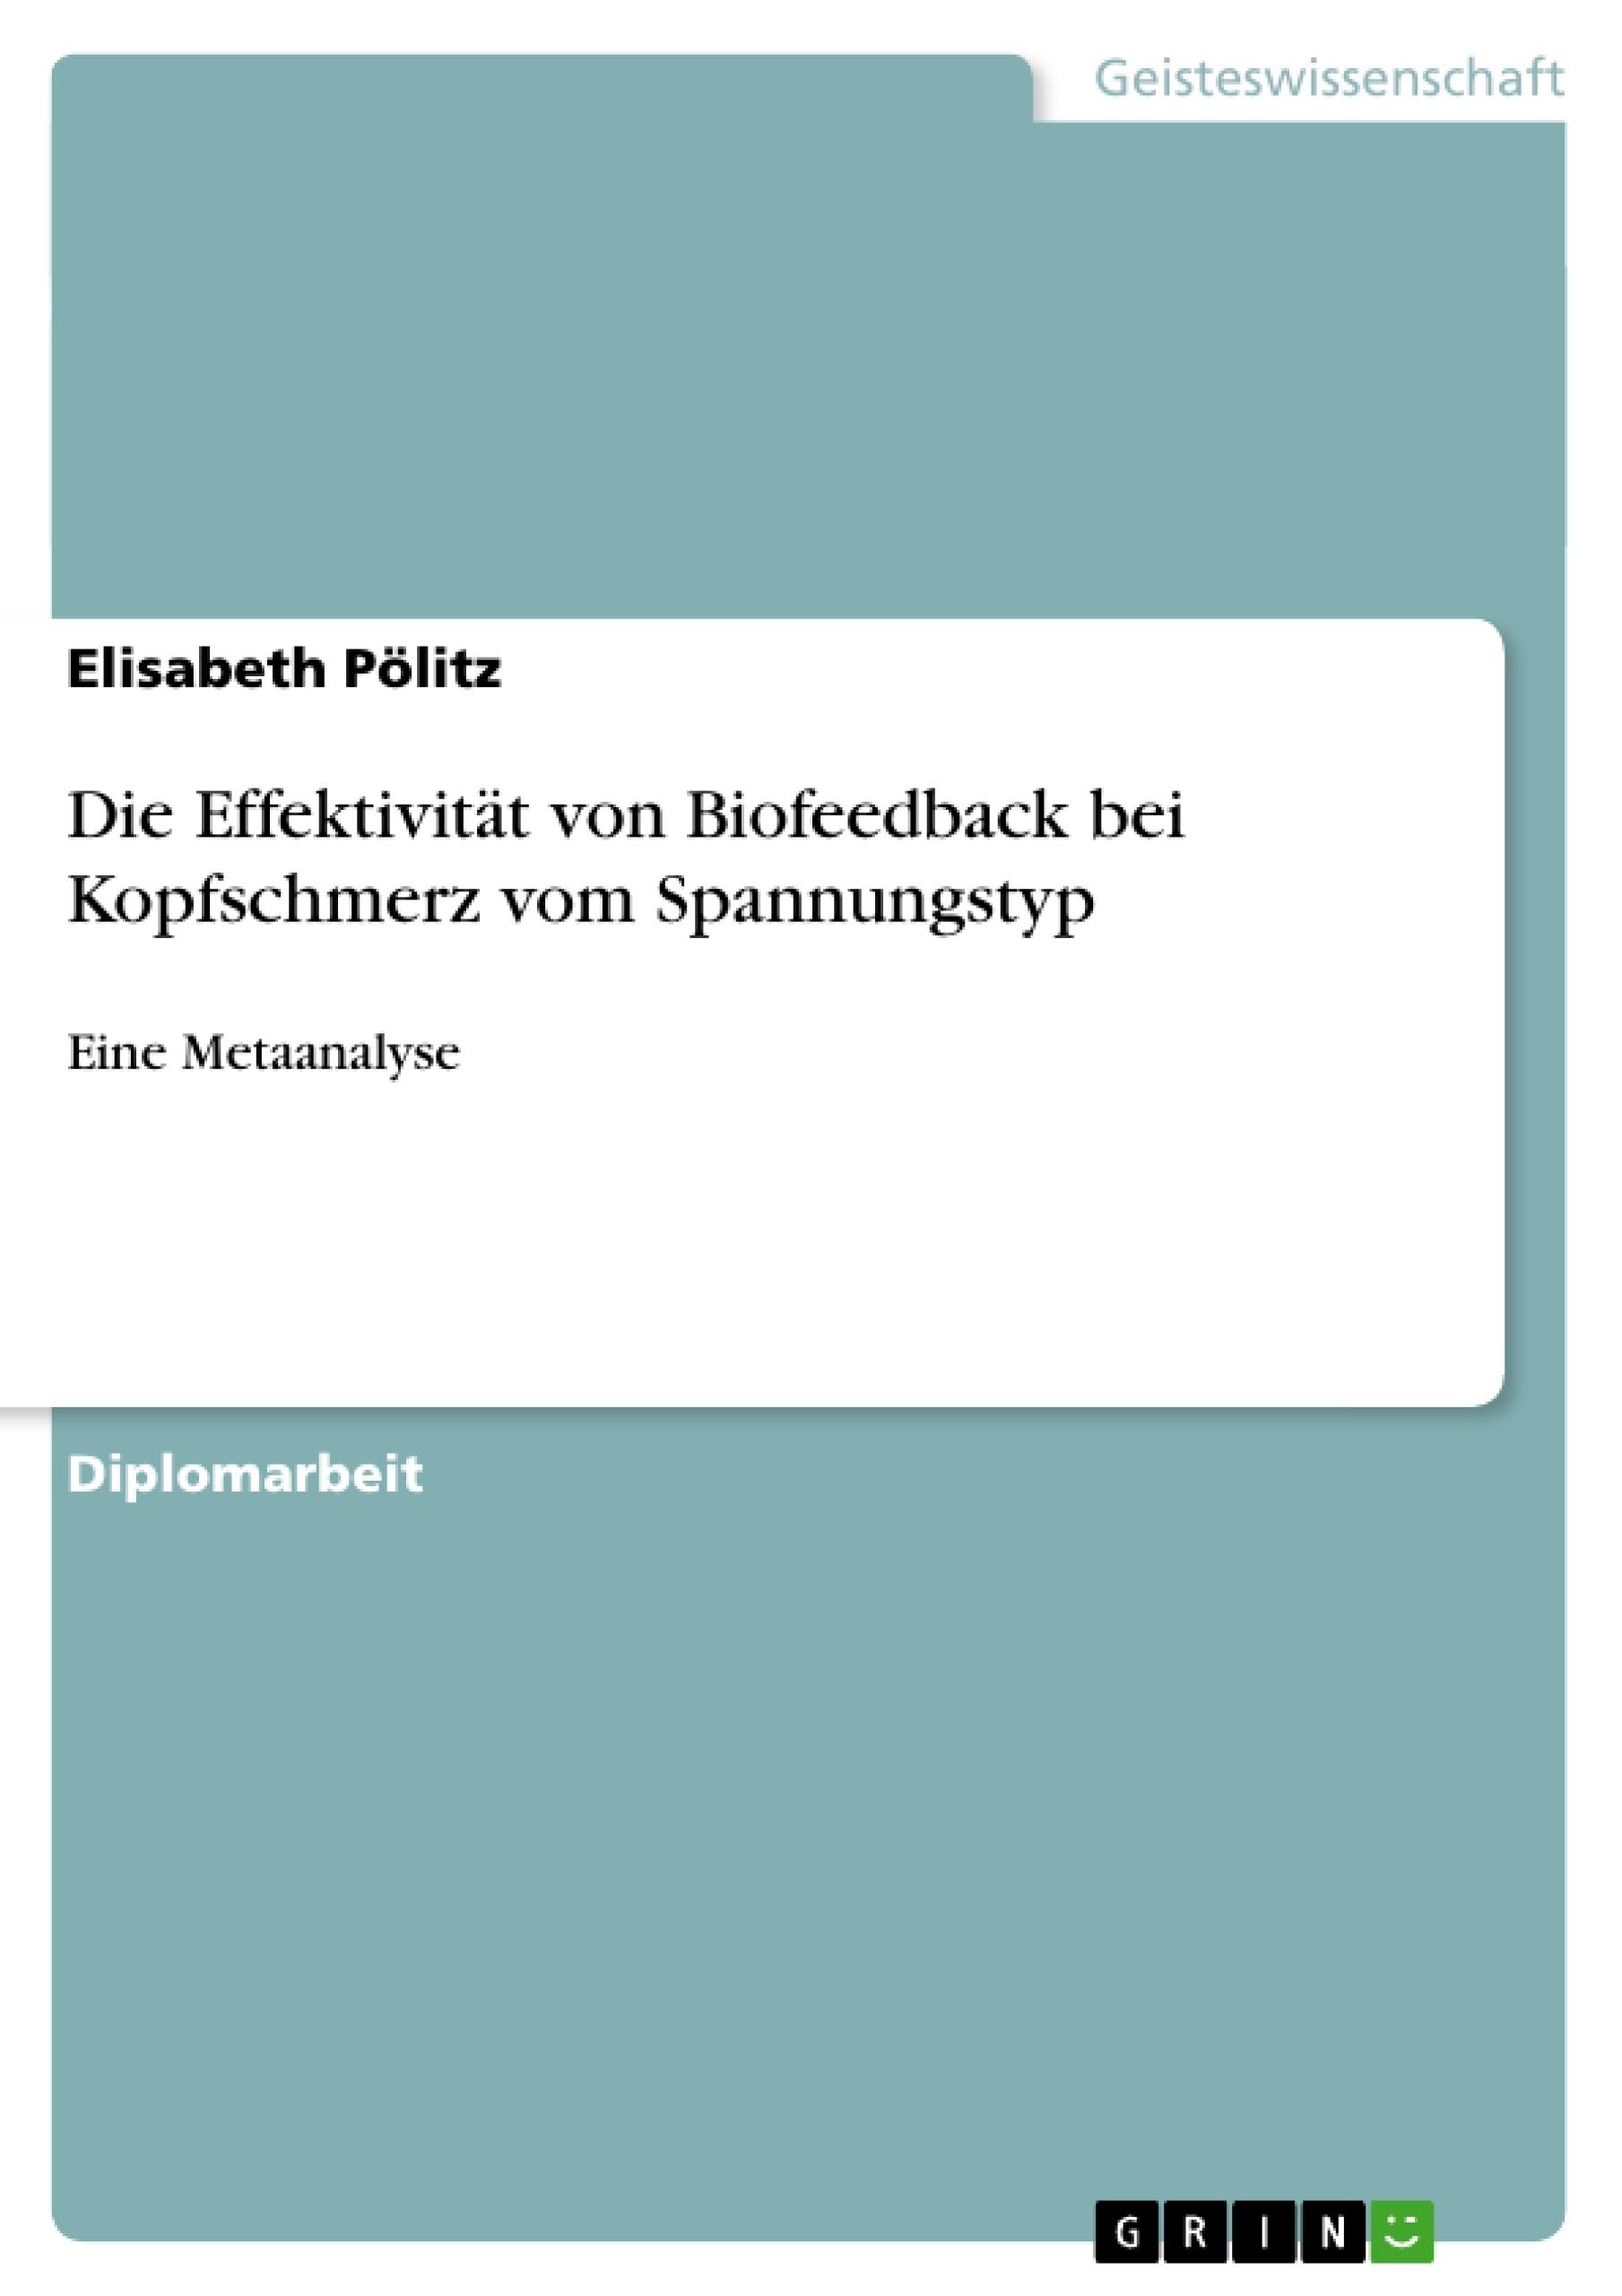 Titel: Die Effektivität von Biofeedback bei Kopfschmerz vom Spannungstyp